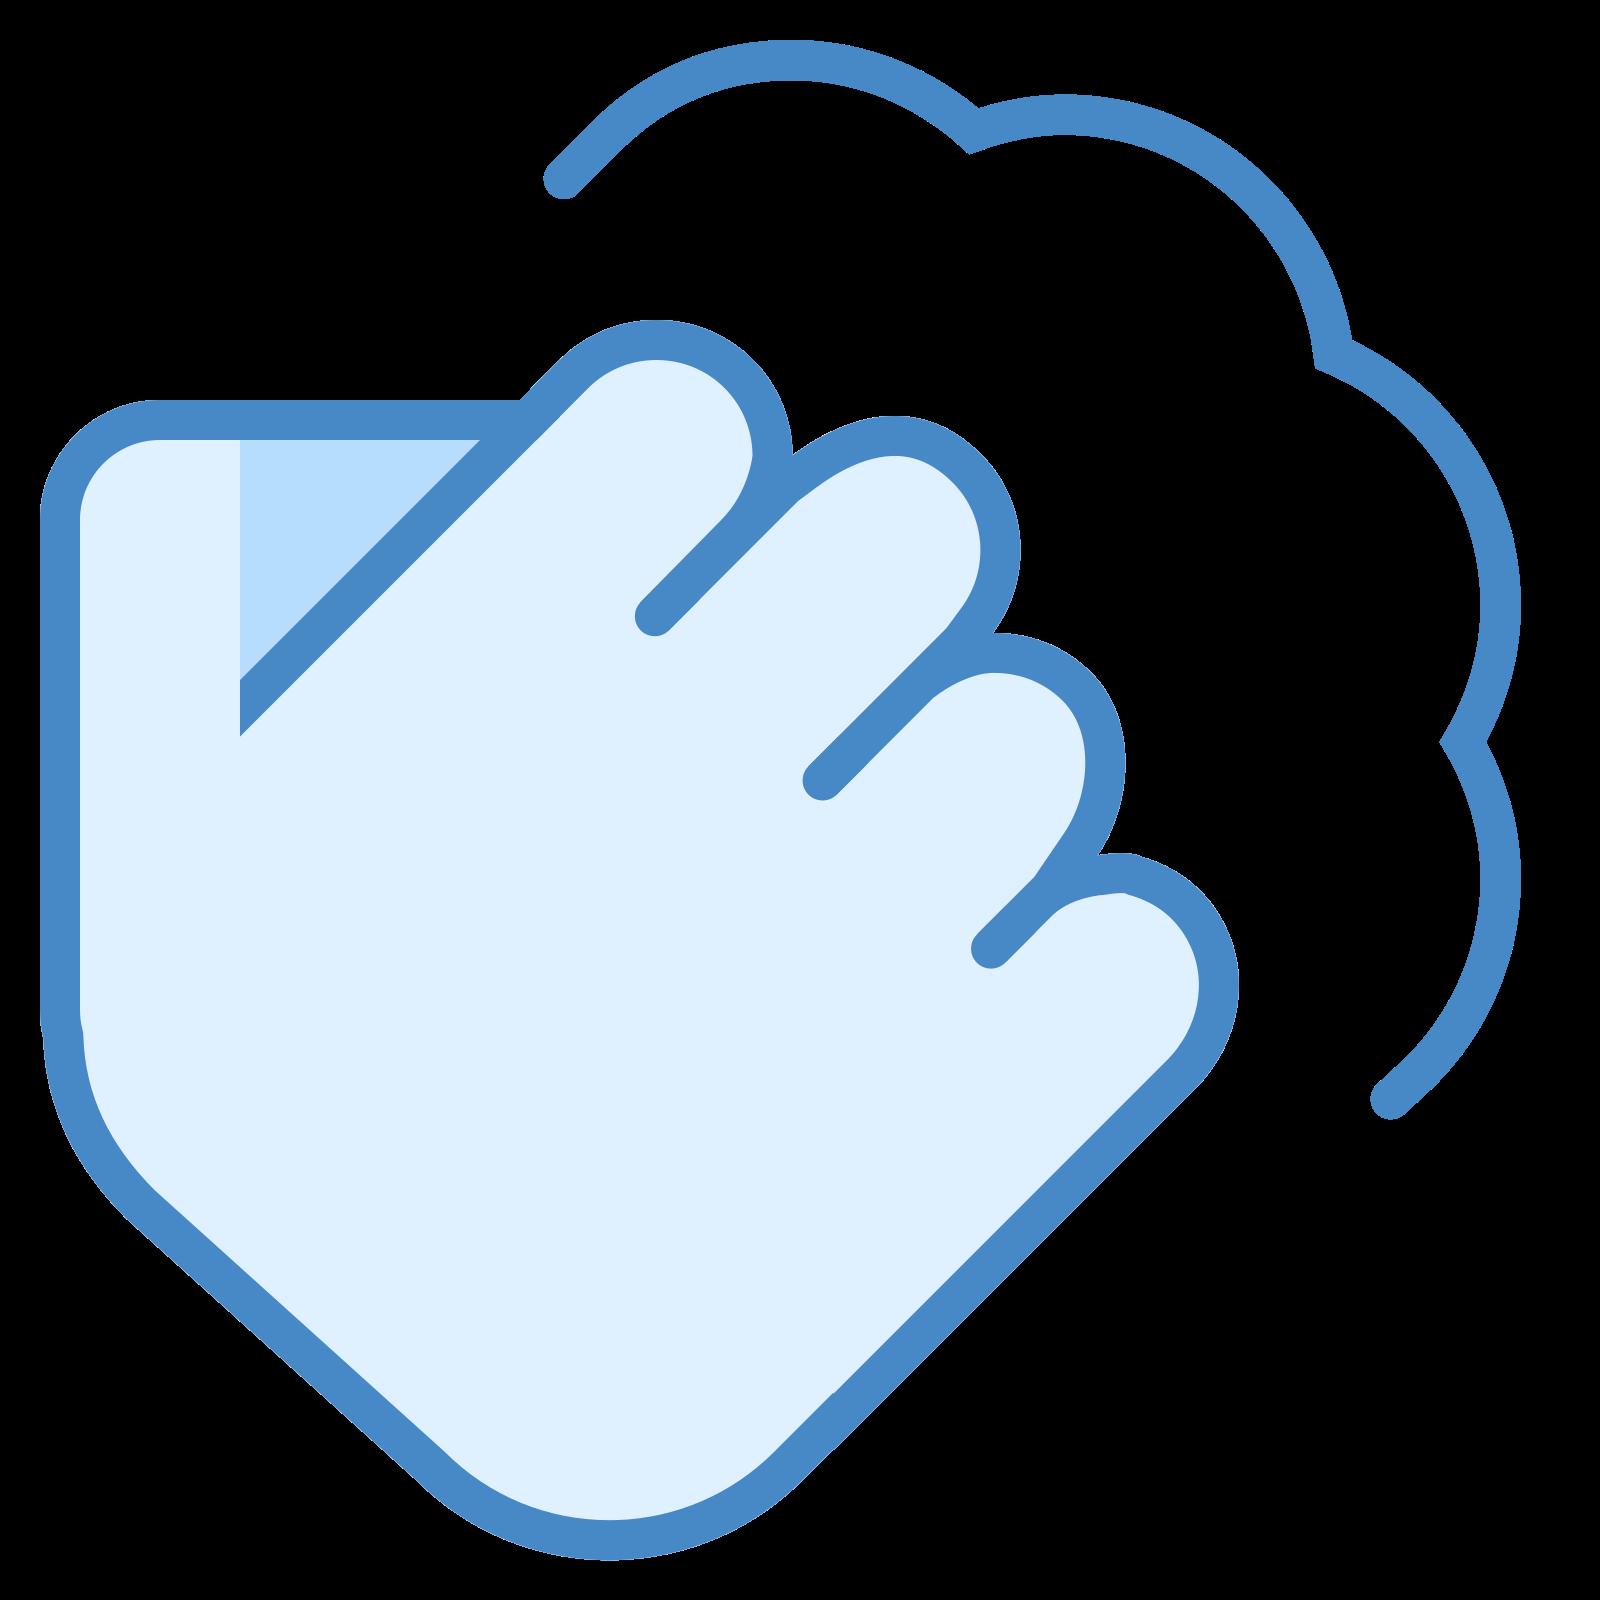 行动 icon. It is a clenched fist with the thumb crossed over the folded in fingers. The fist is being held up in the air, and there is a line drawn above the knuckles of the fist that has a peak over the index, middle, and little fingers.